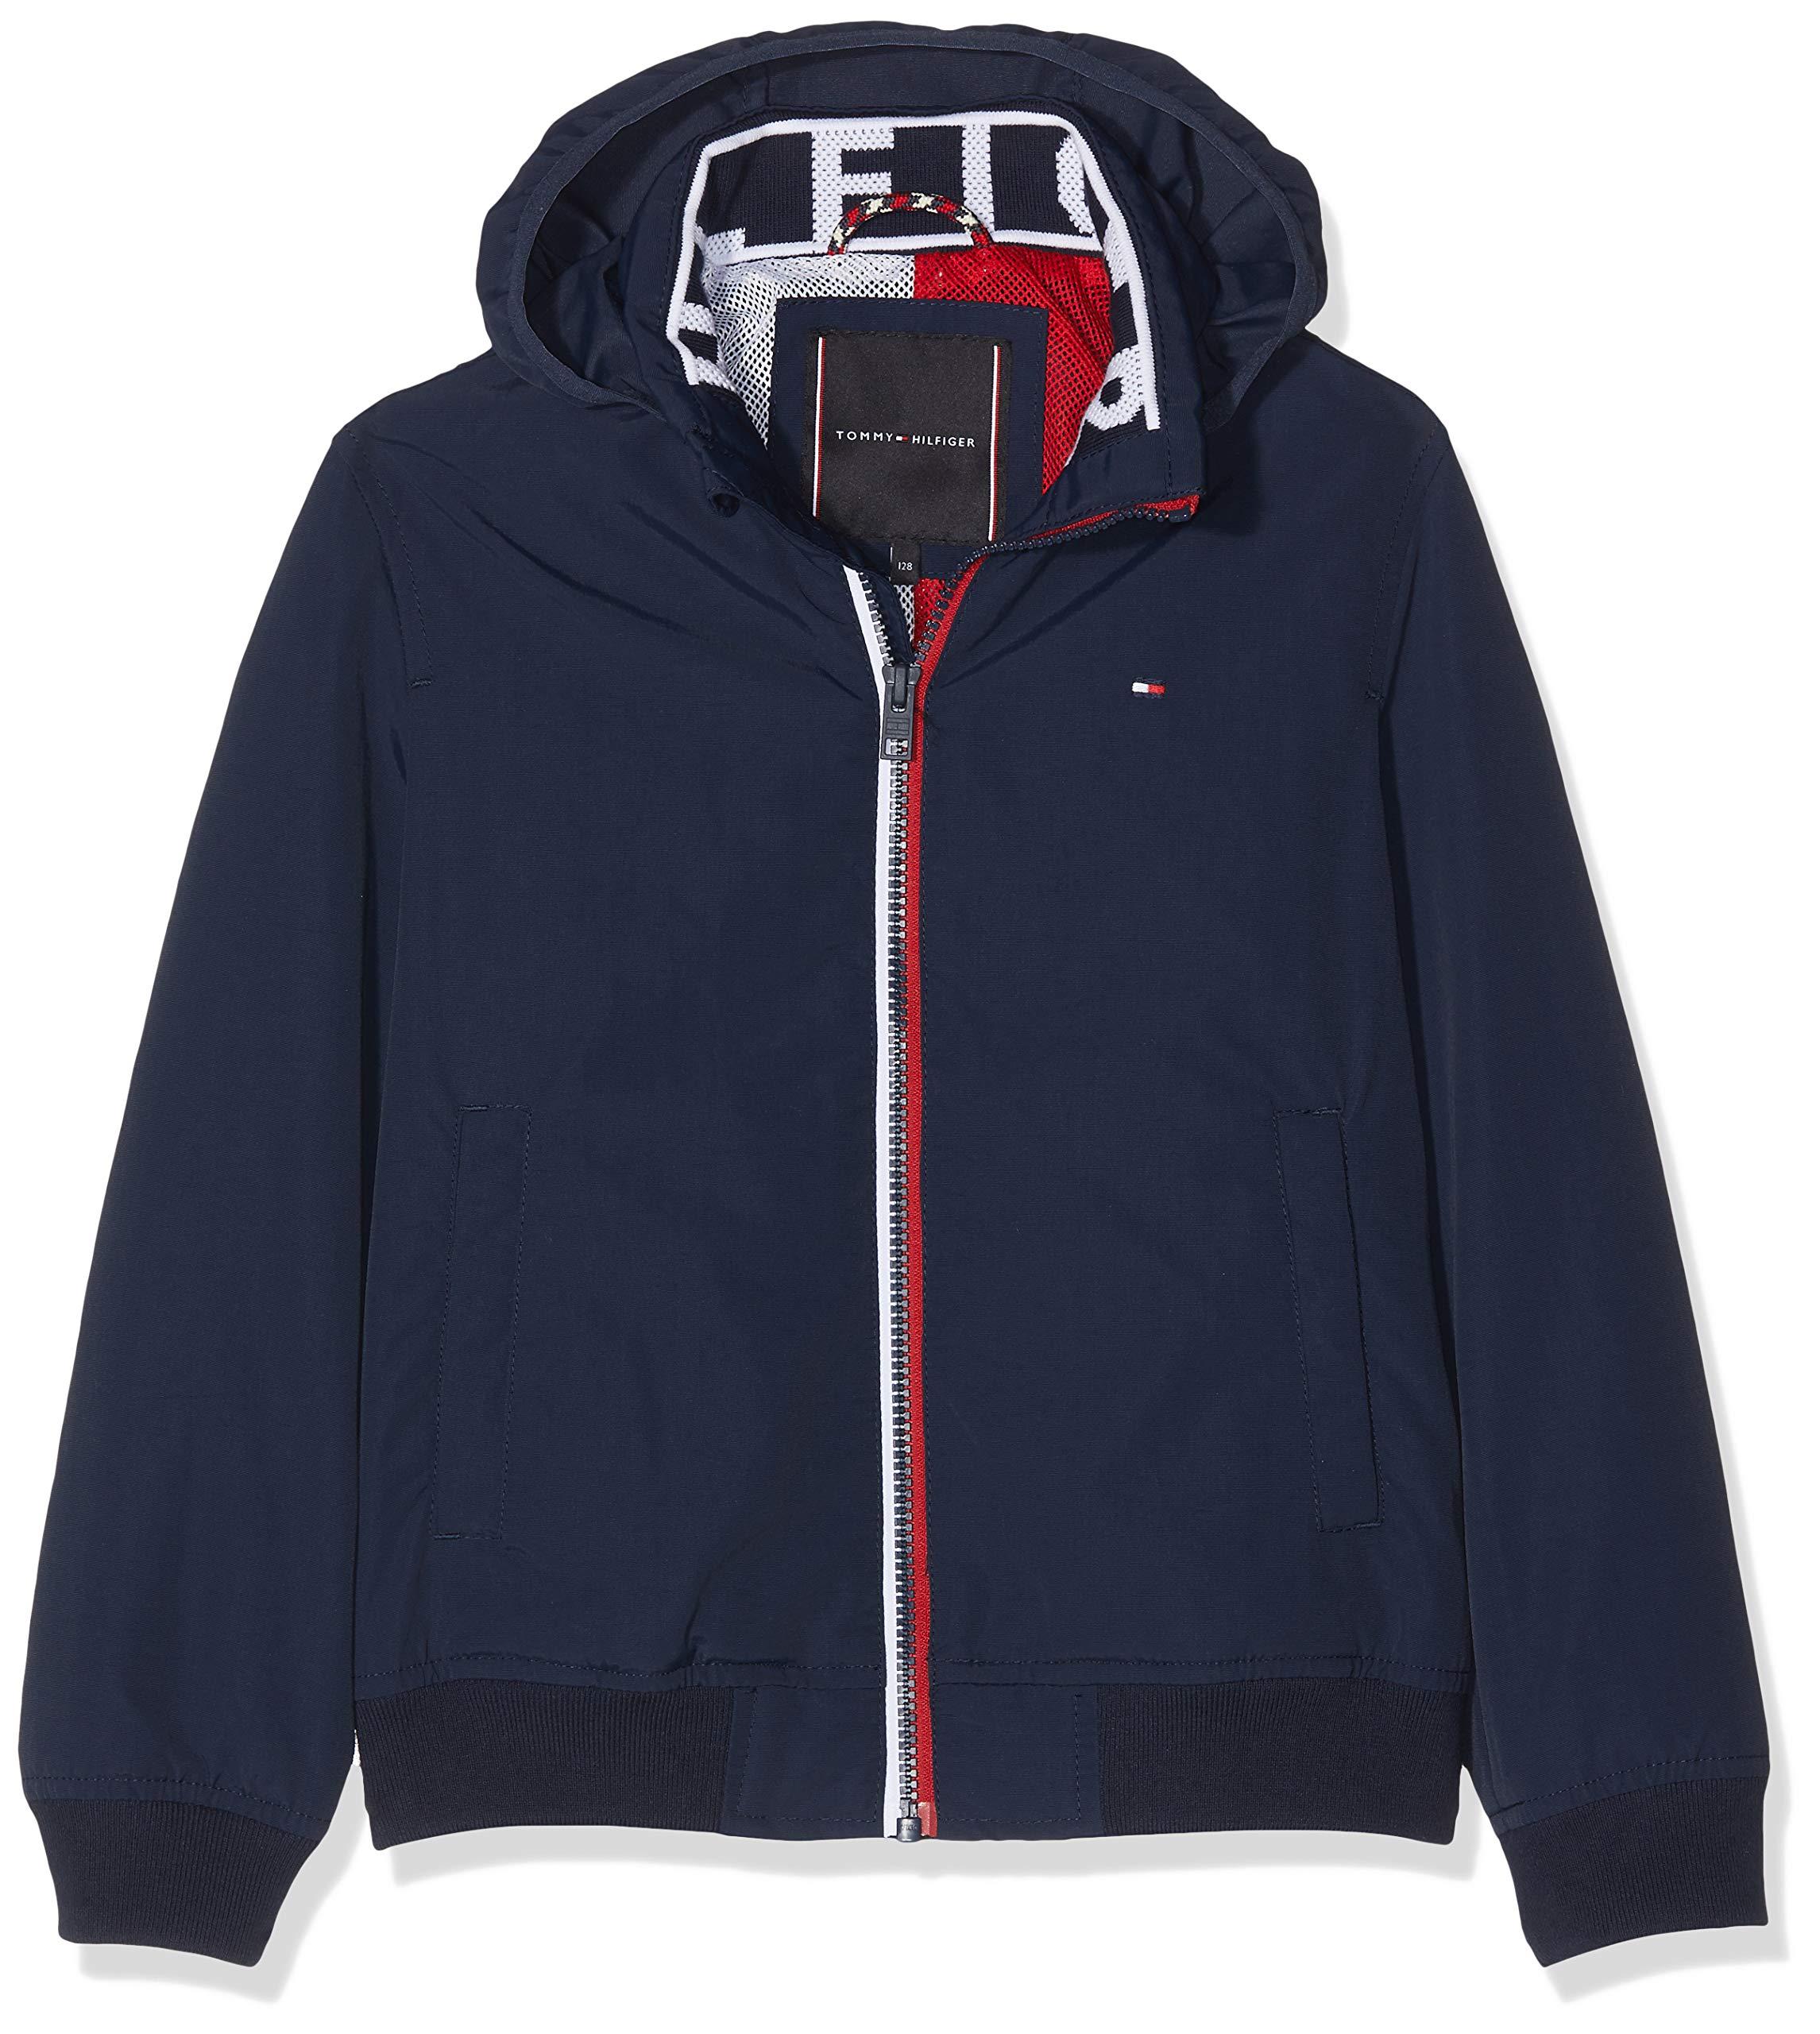 Chaqueta para Beb/és Tommy Hilfiger Dg Essential Jacket